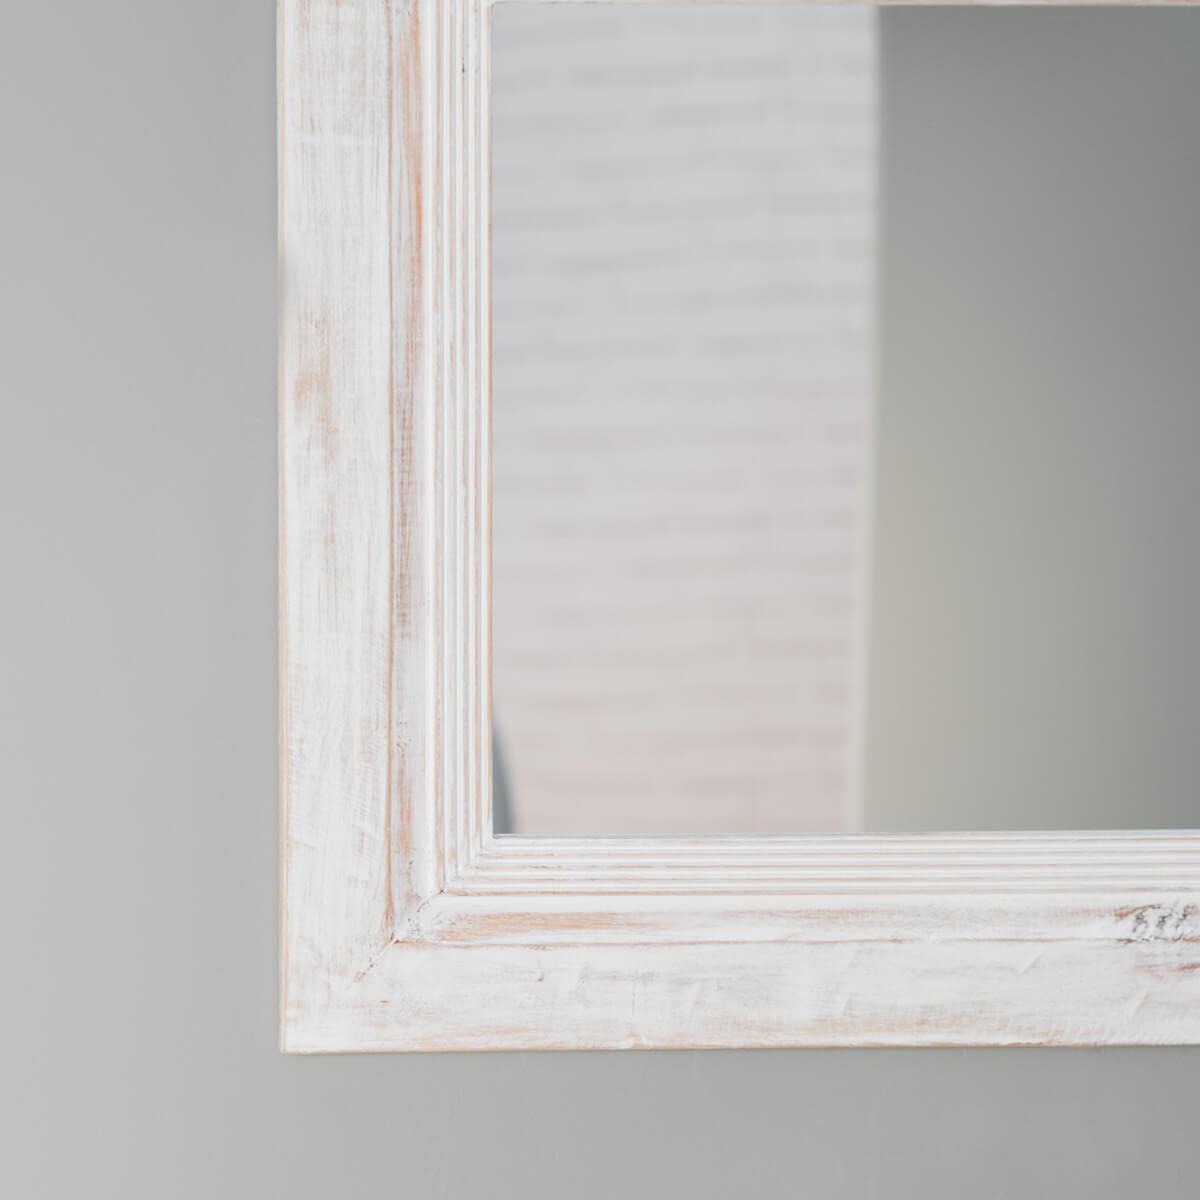 Miroir venise en bois patin c rus blanc 140cm x 80cm for Miroir blanc vieilli